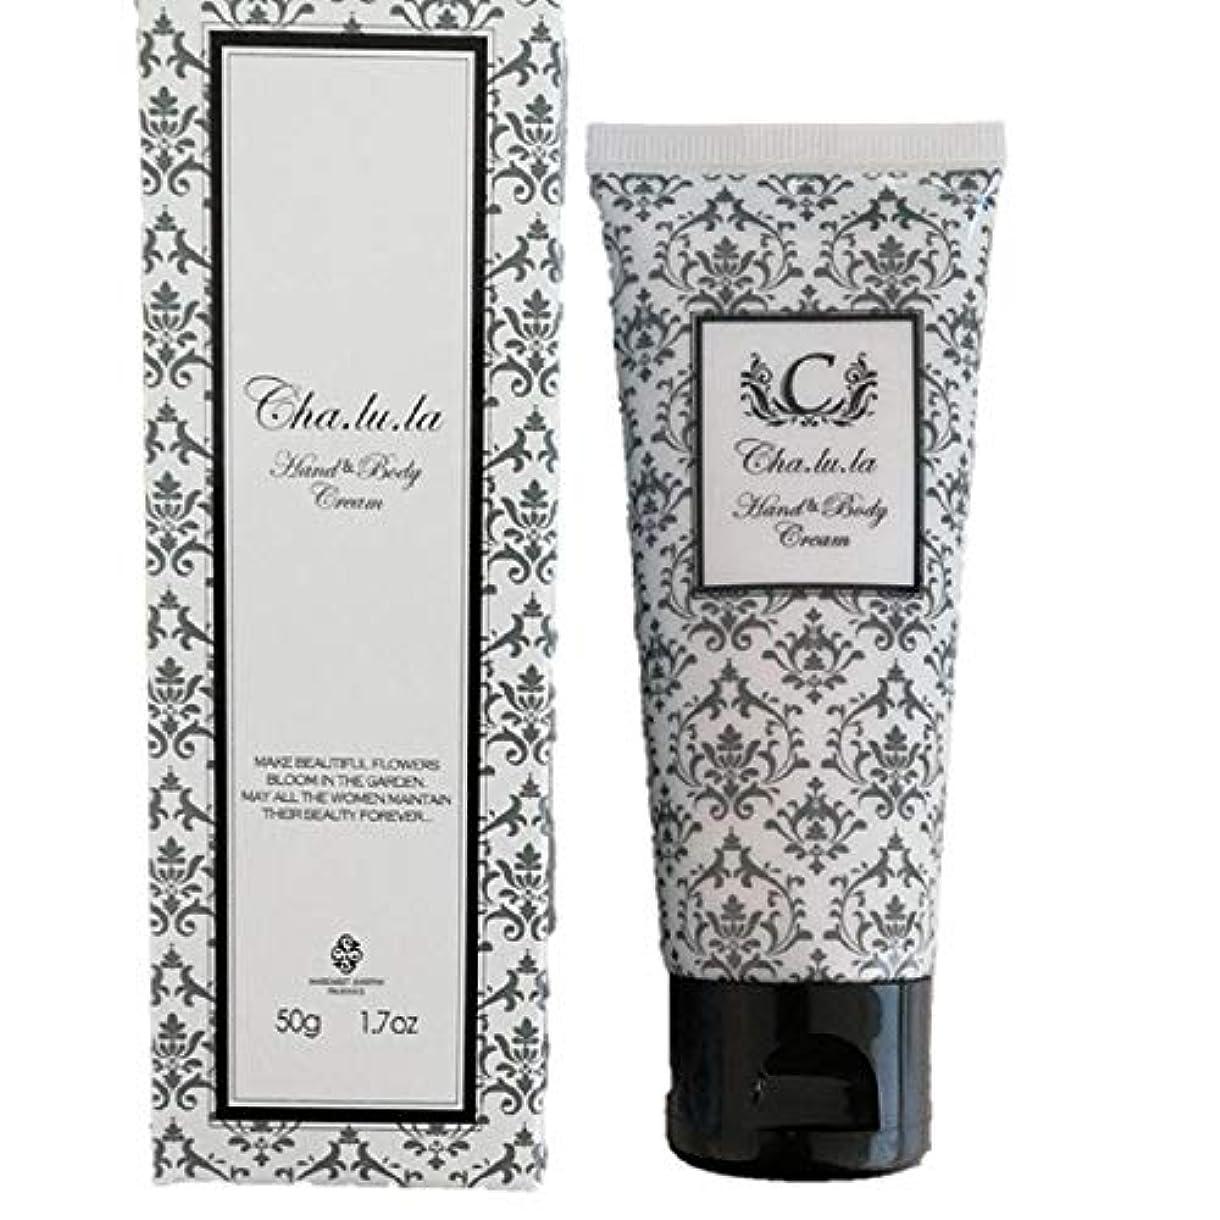 海岸二年生職業シャルラ H&Bクリーム ノーブルブロッサムの香り ハンド&ボディークリーム 50g